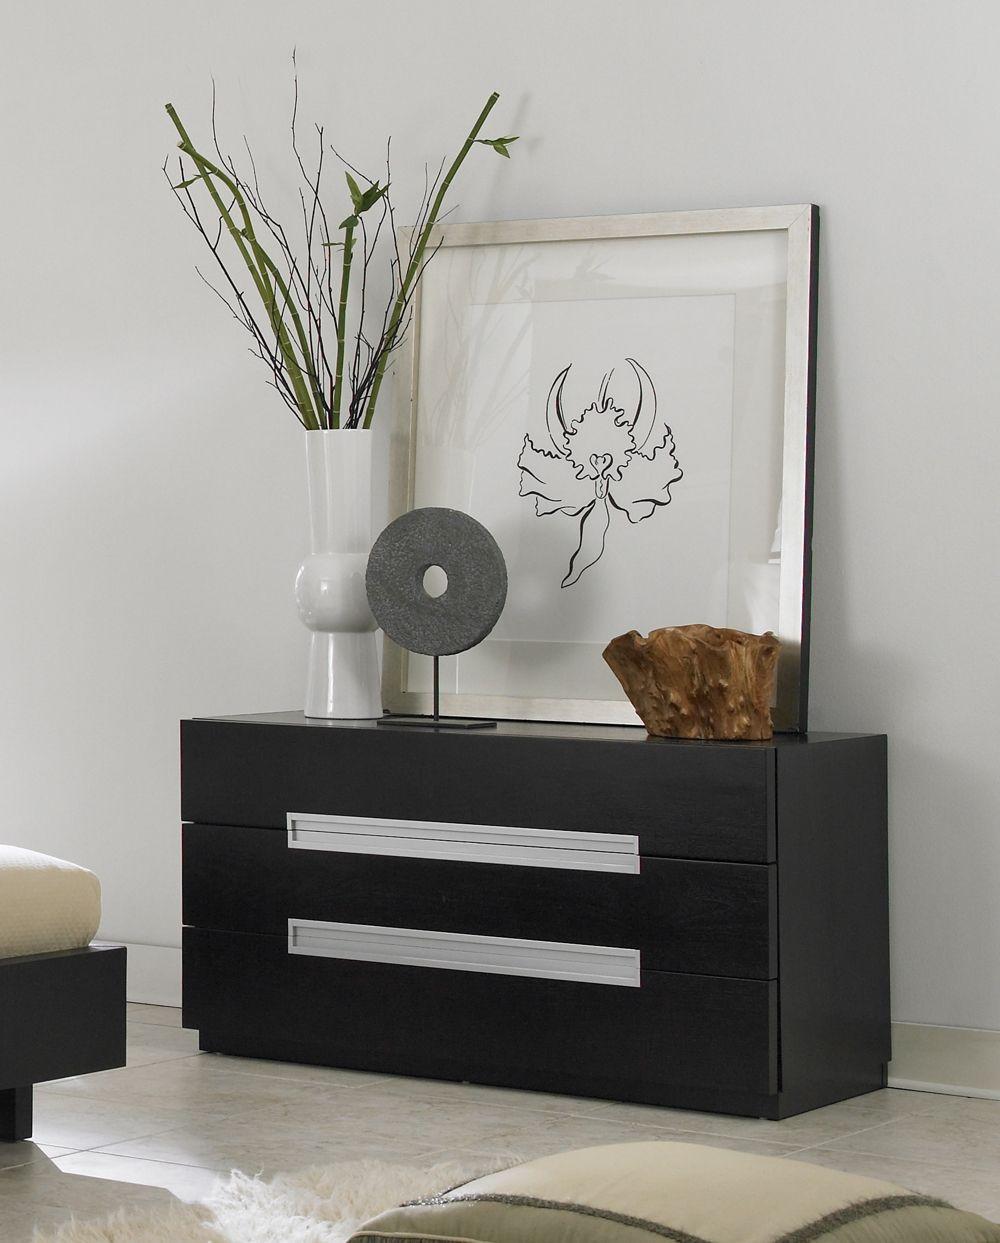 Bezaubernde Ikea Kommode Designs Mit Schwarz Und Weiß